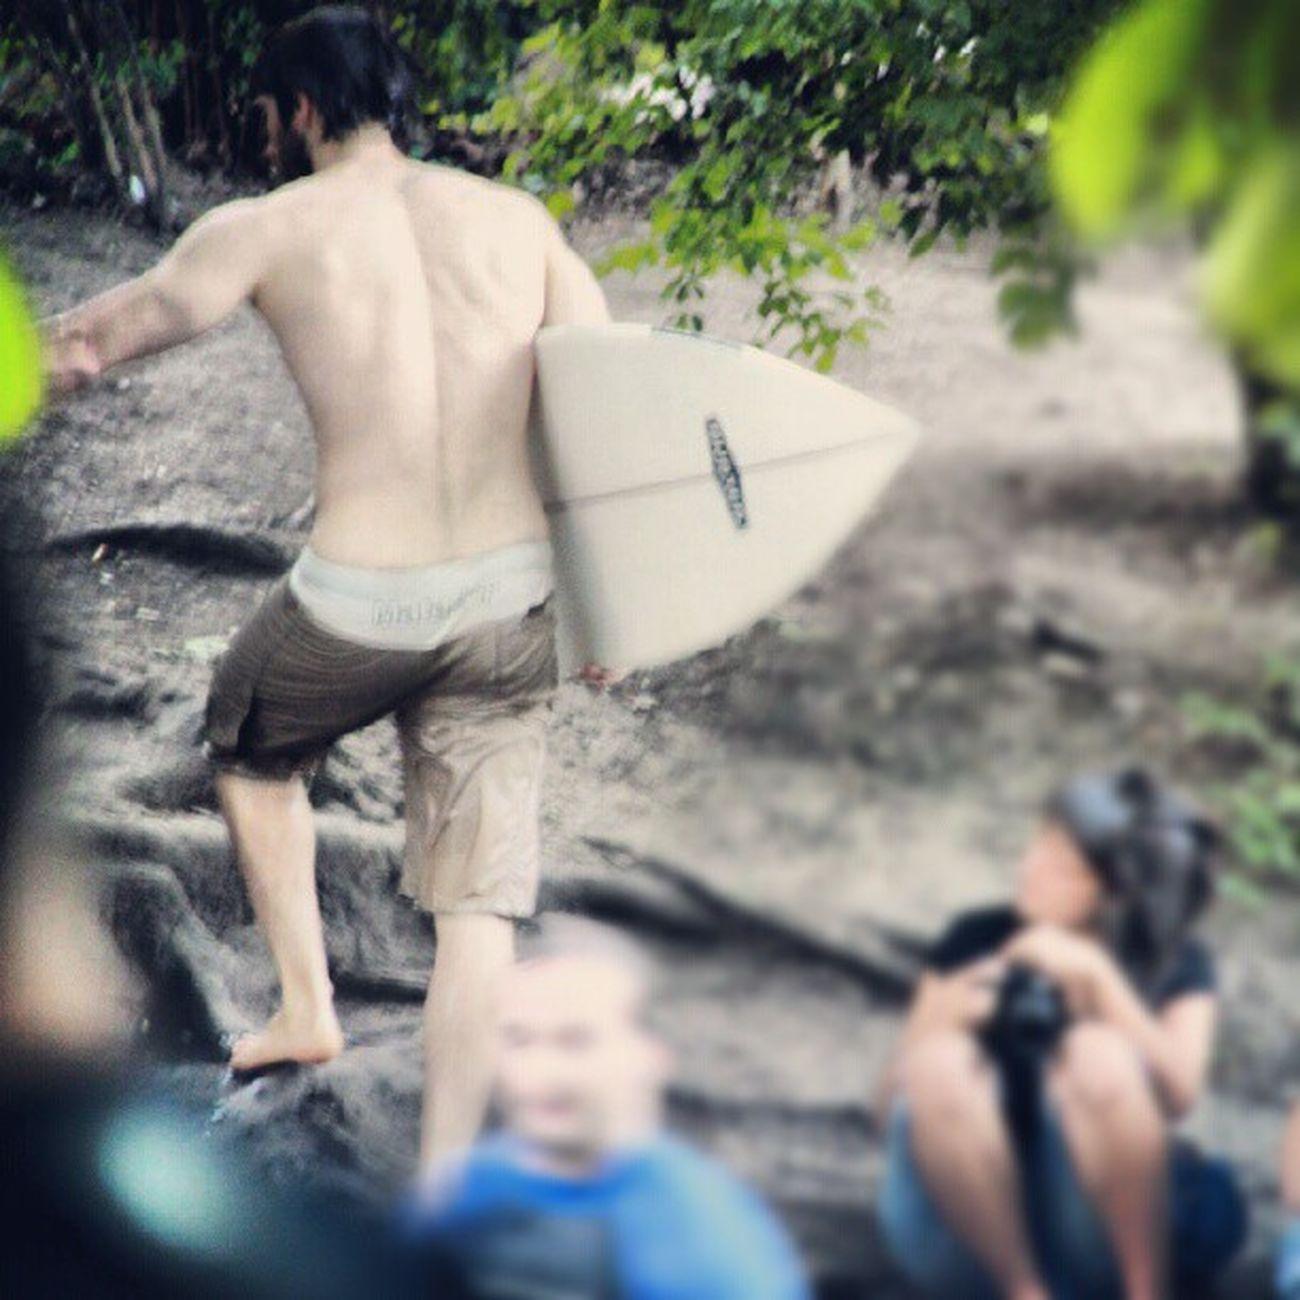 Surfs up! 2 #muenchen #eisbach #summer #englischergarten #munich #men #greatbod #igdaily #surfing Greatbod Summer Men Surfing Munich IGDaily Muenchen Eisbach Englischergarten